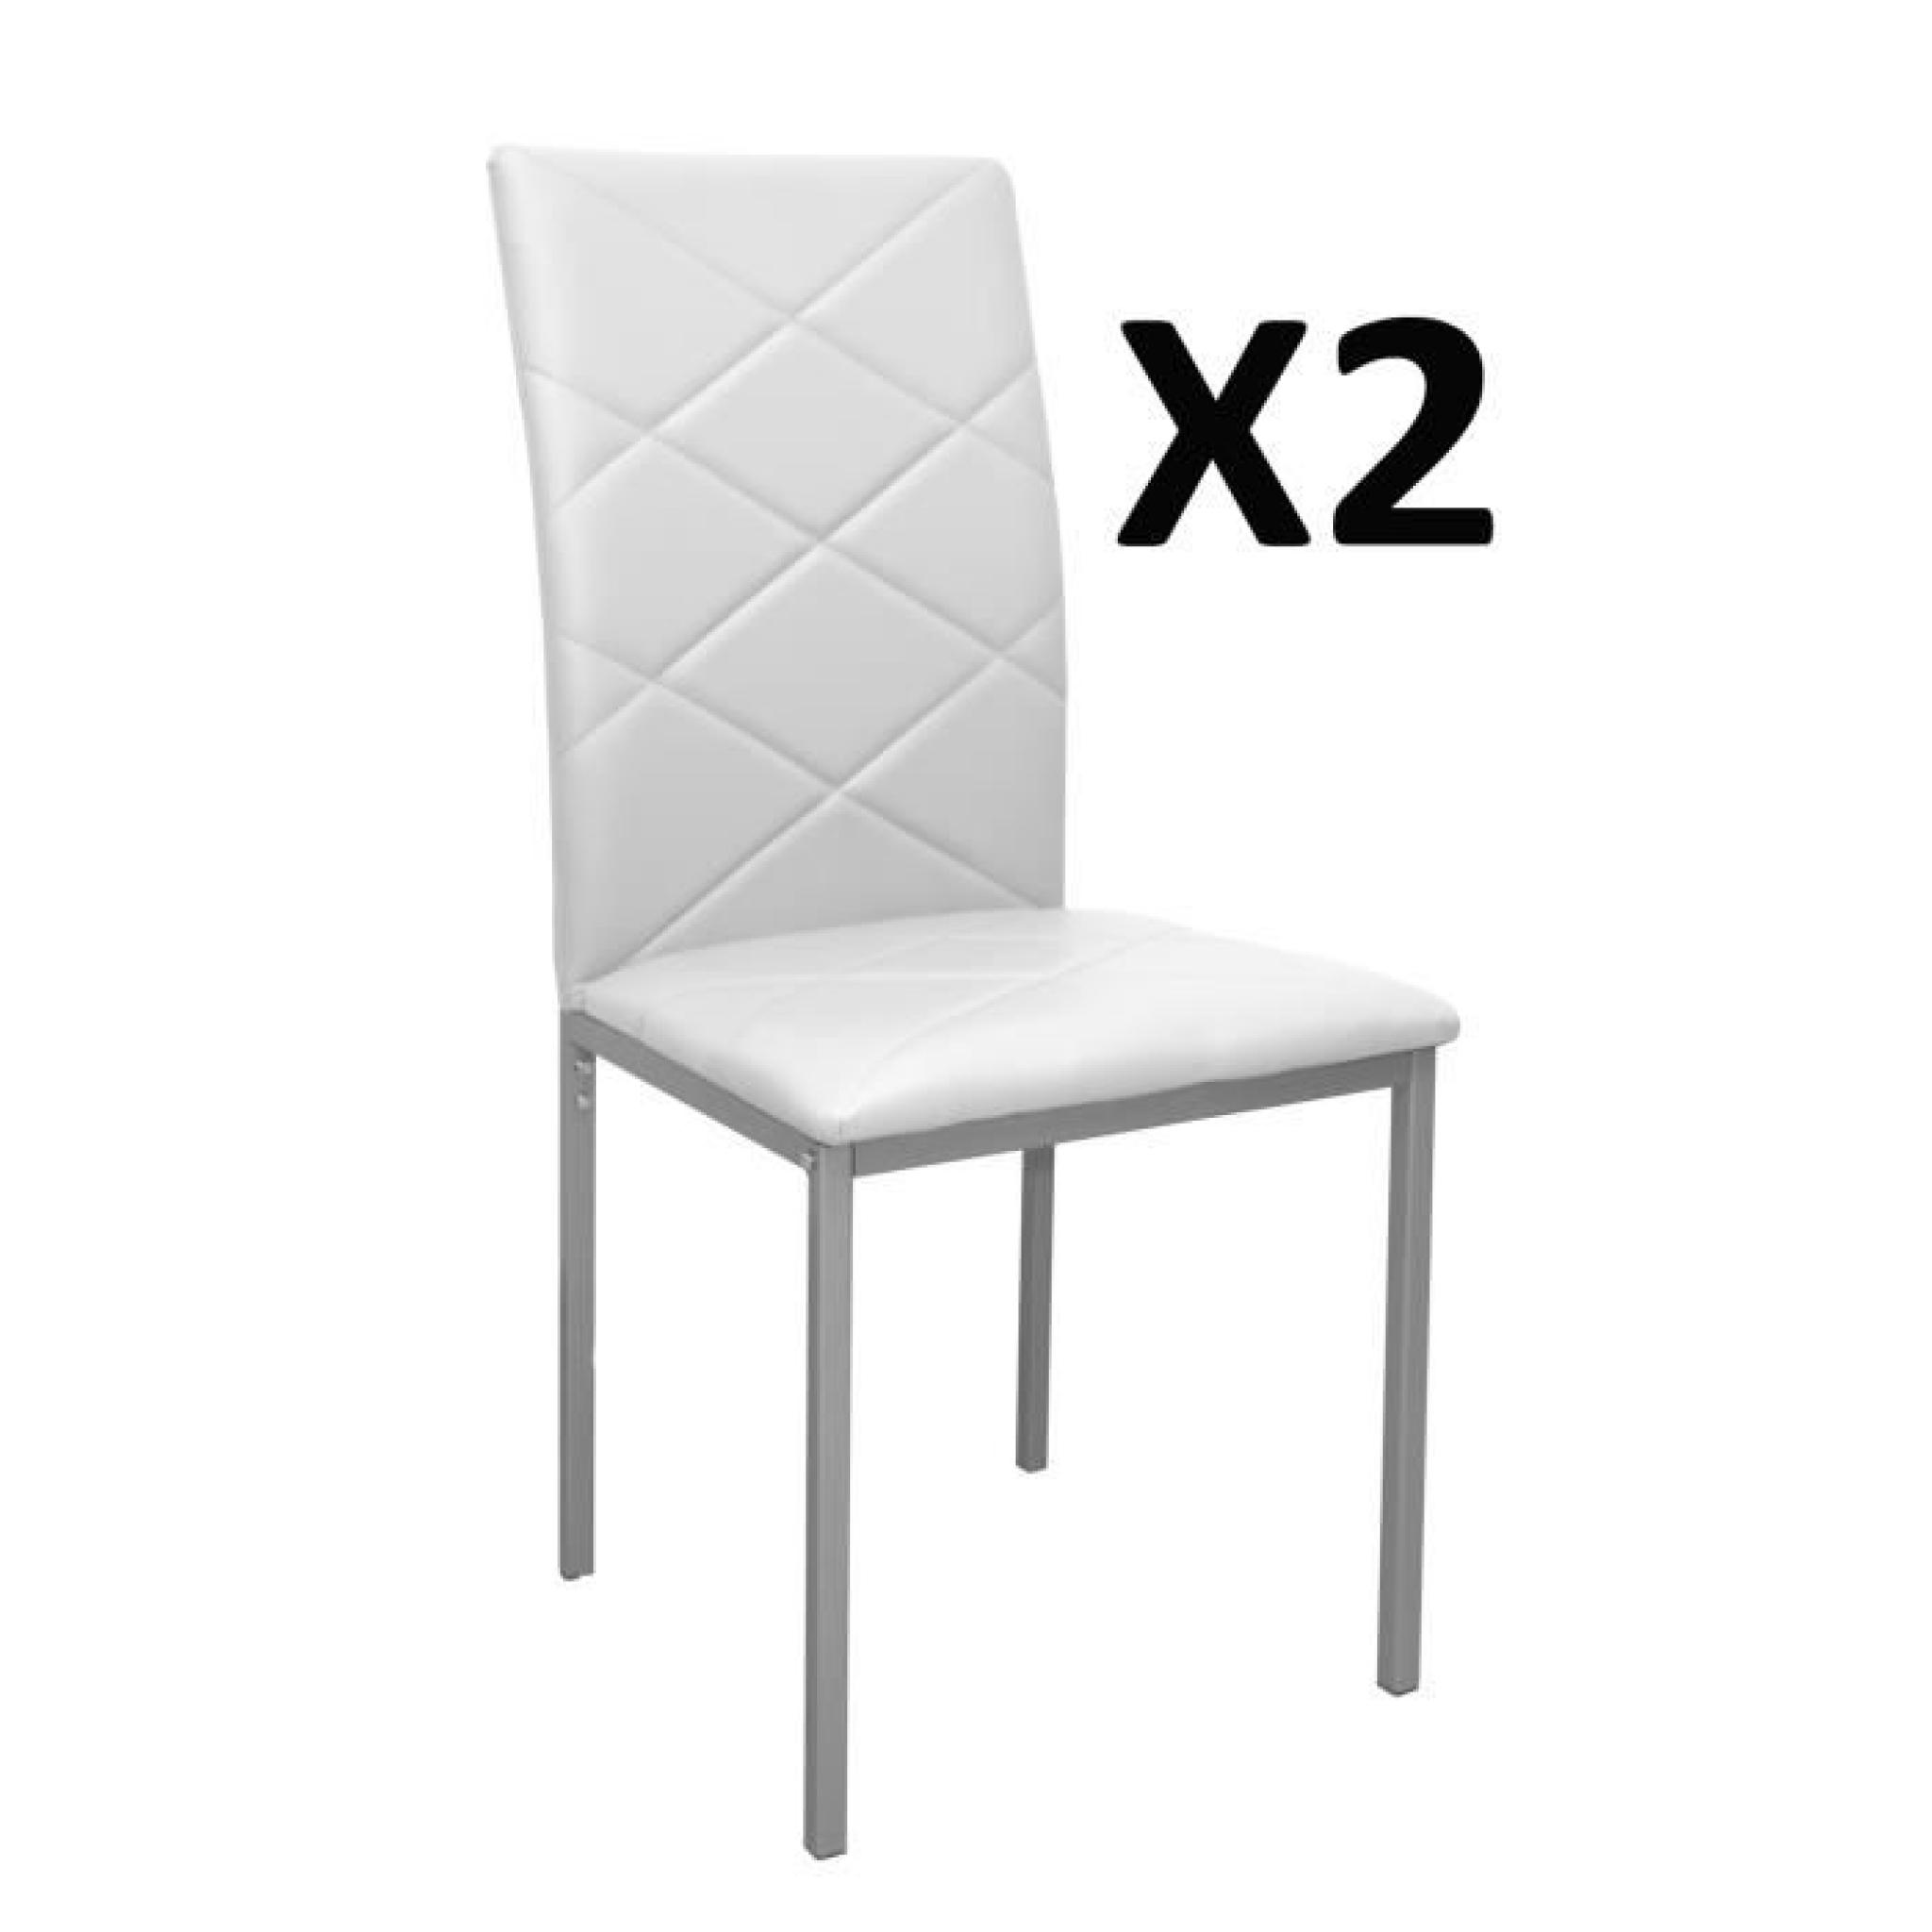 lot de 2 chaises blanche rev tement pu 510 x 430 x 950 mm. Black Bedroom Furniture Sets. Home Design Ideas